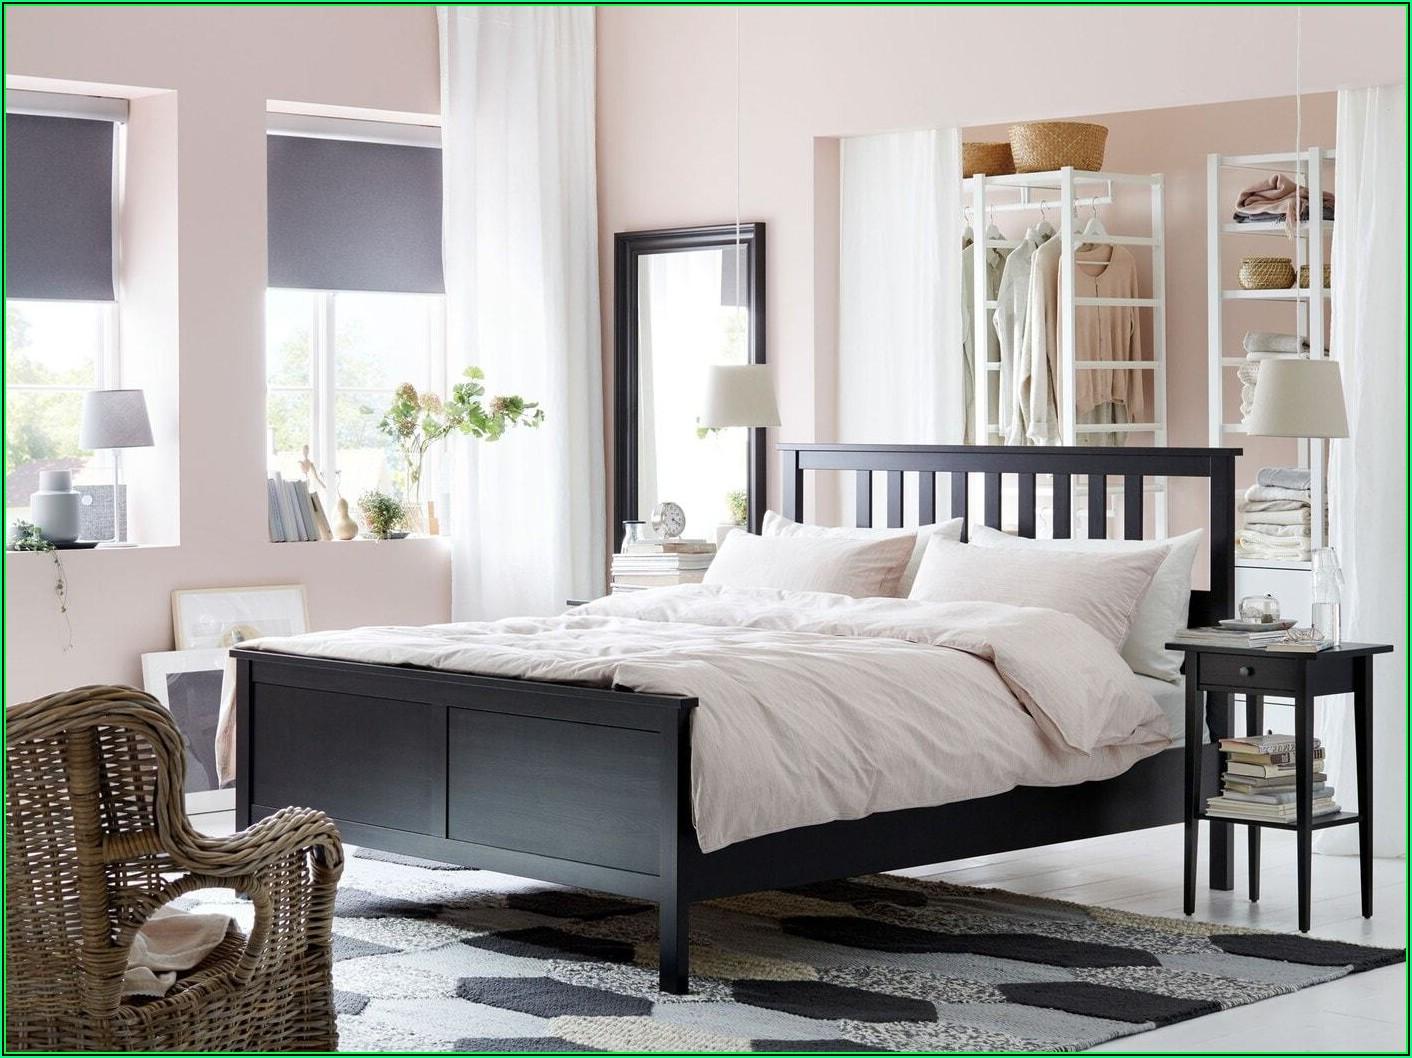 Ikea Inspirationen Schlafzimmer